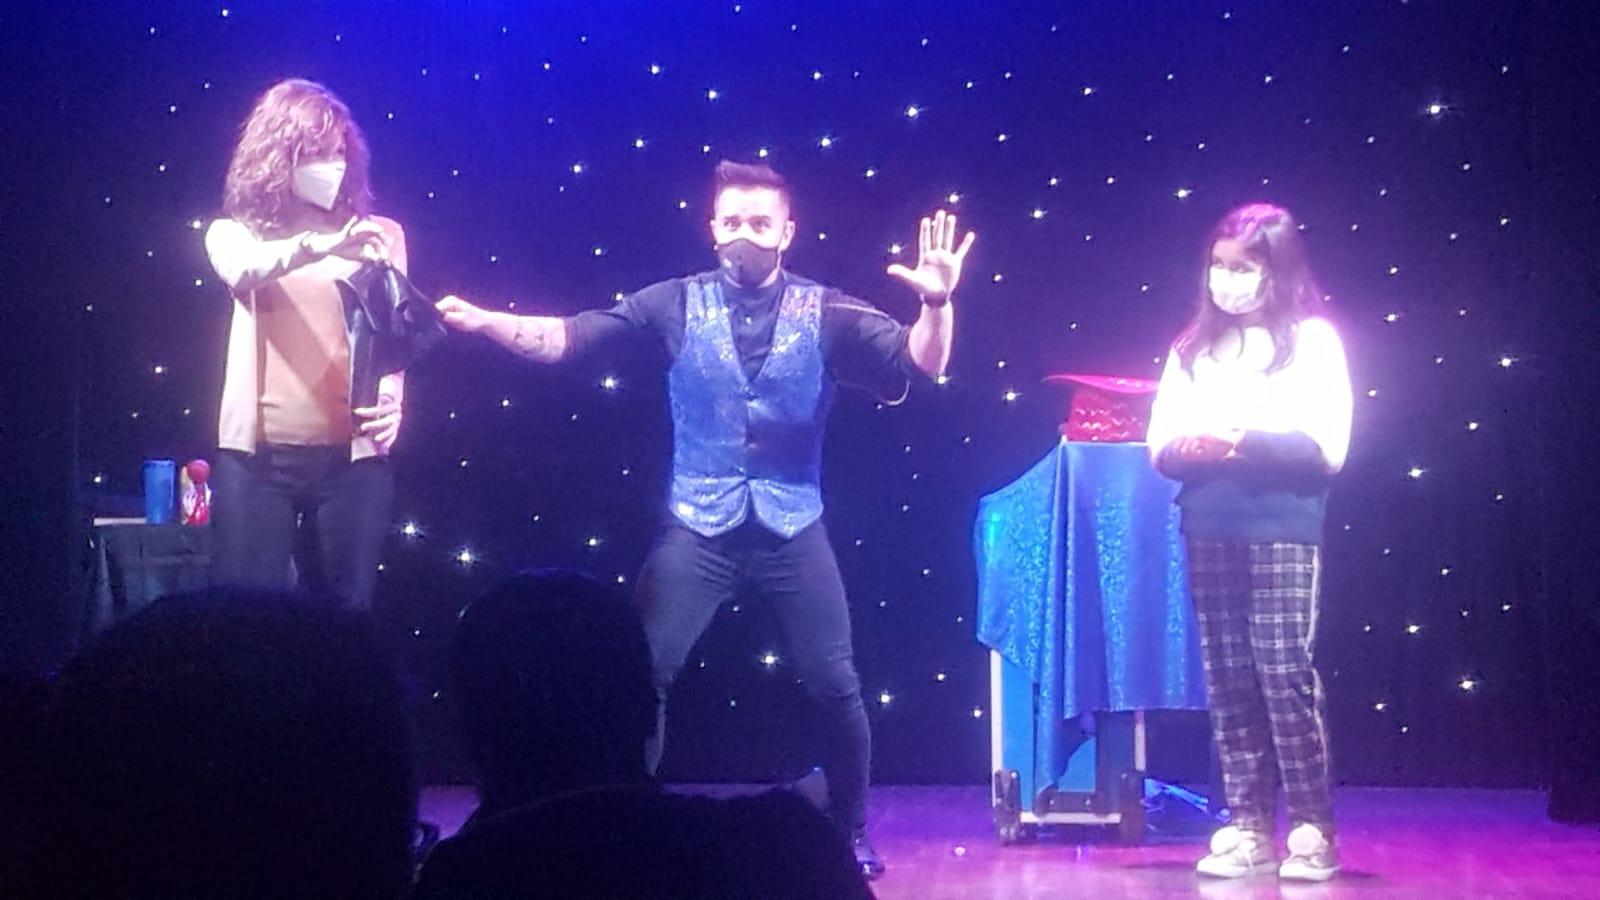 Edu el Mago en una actuación en A toda Magia con dos personas del público